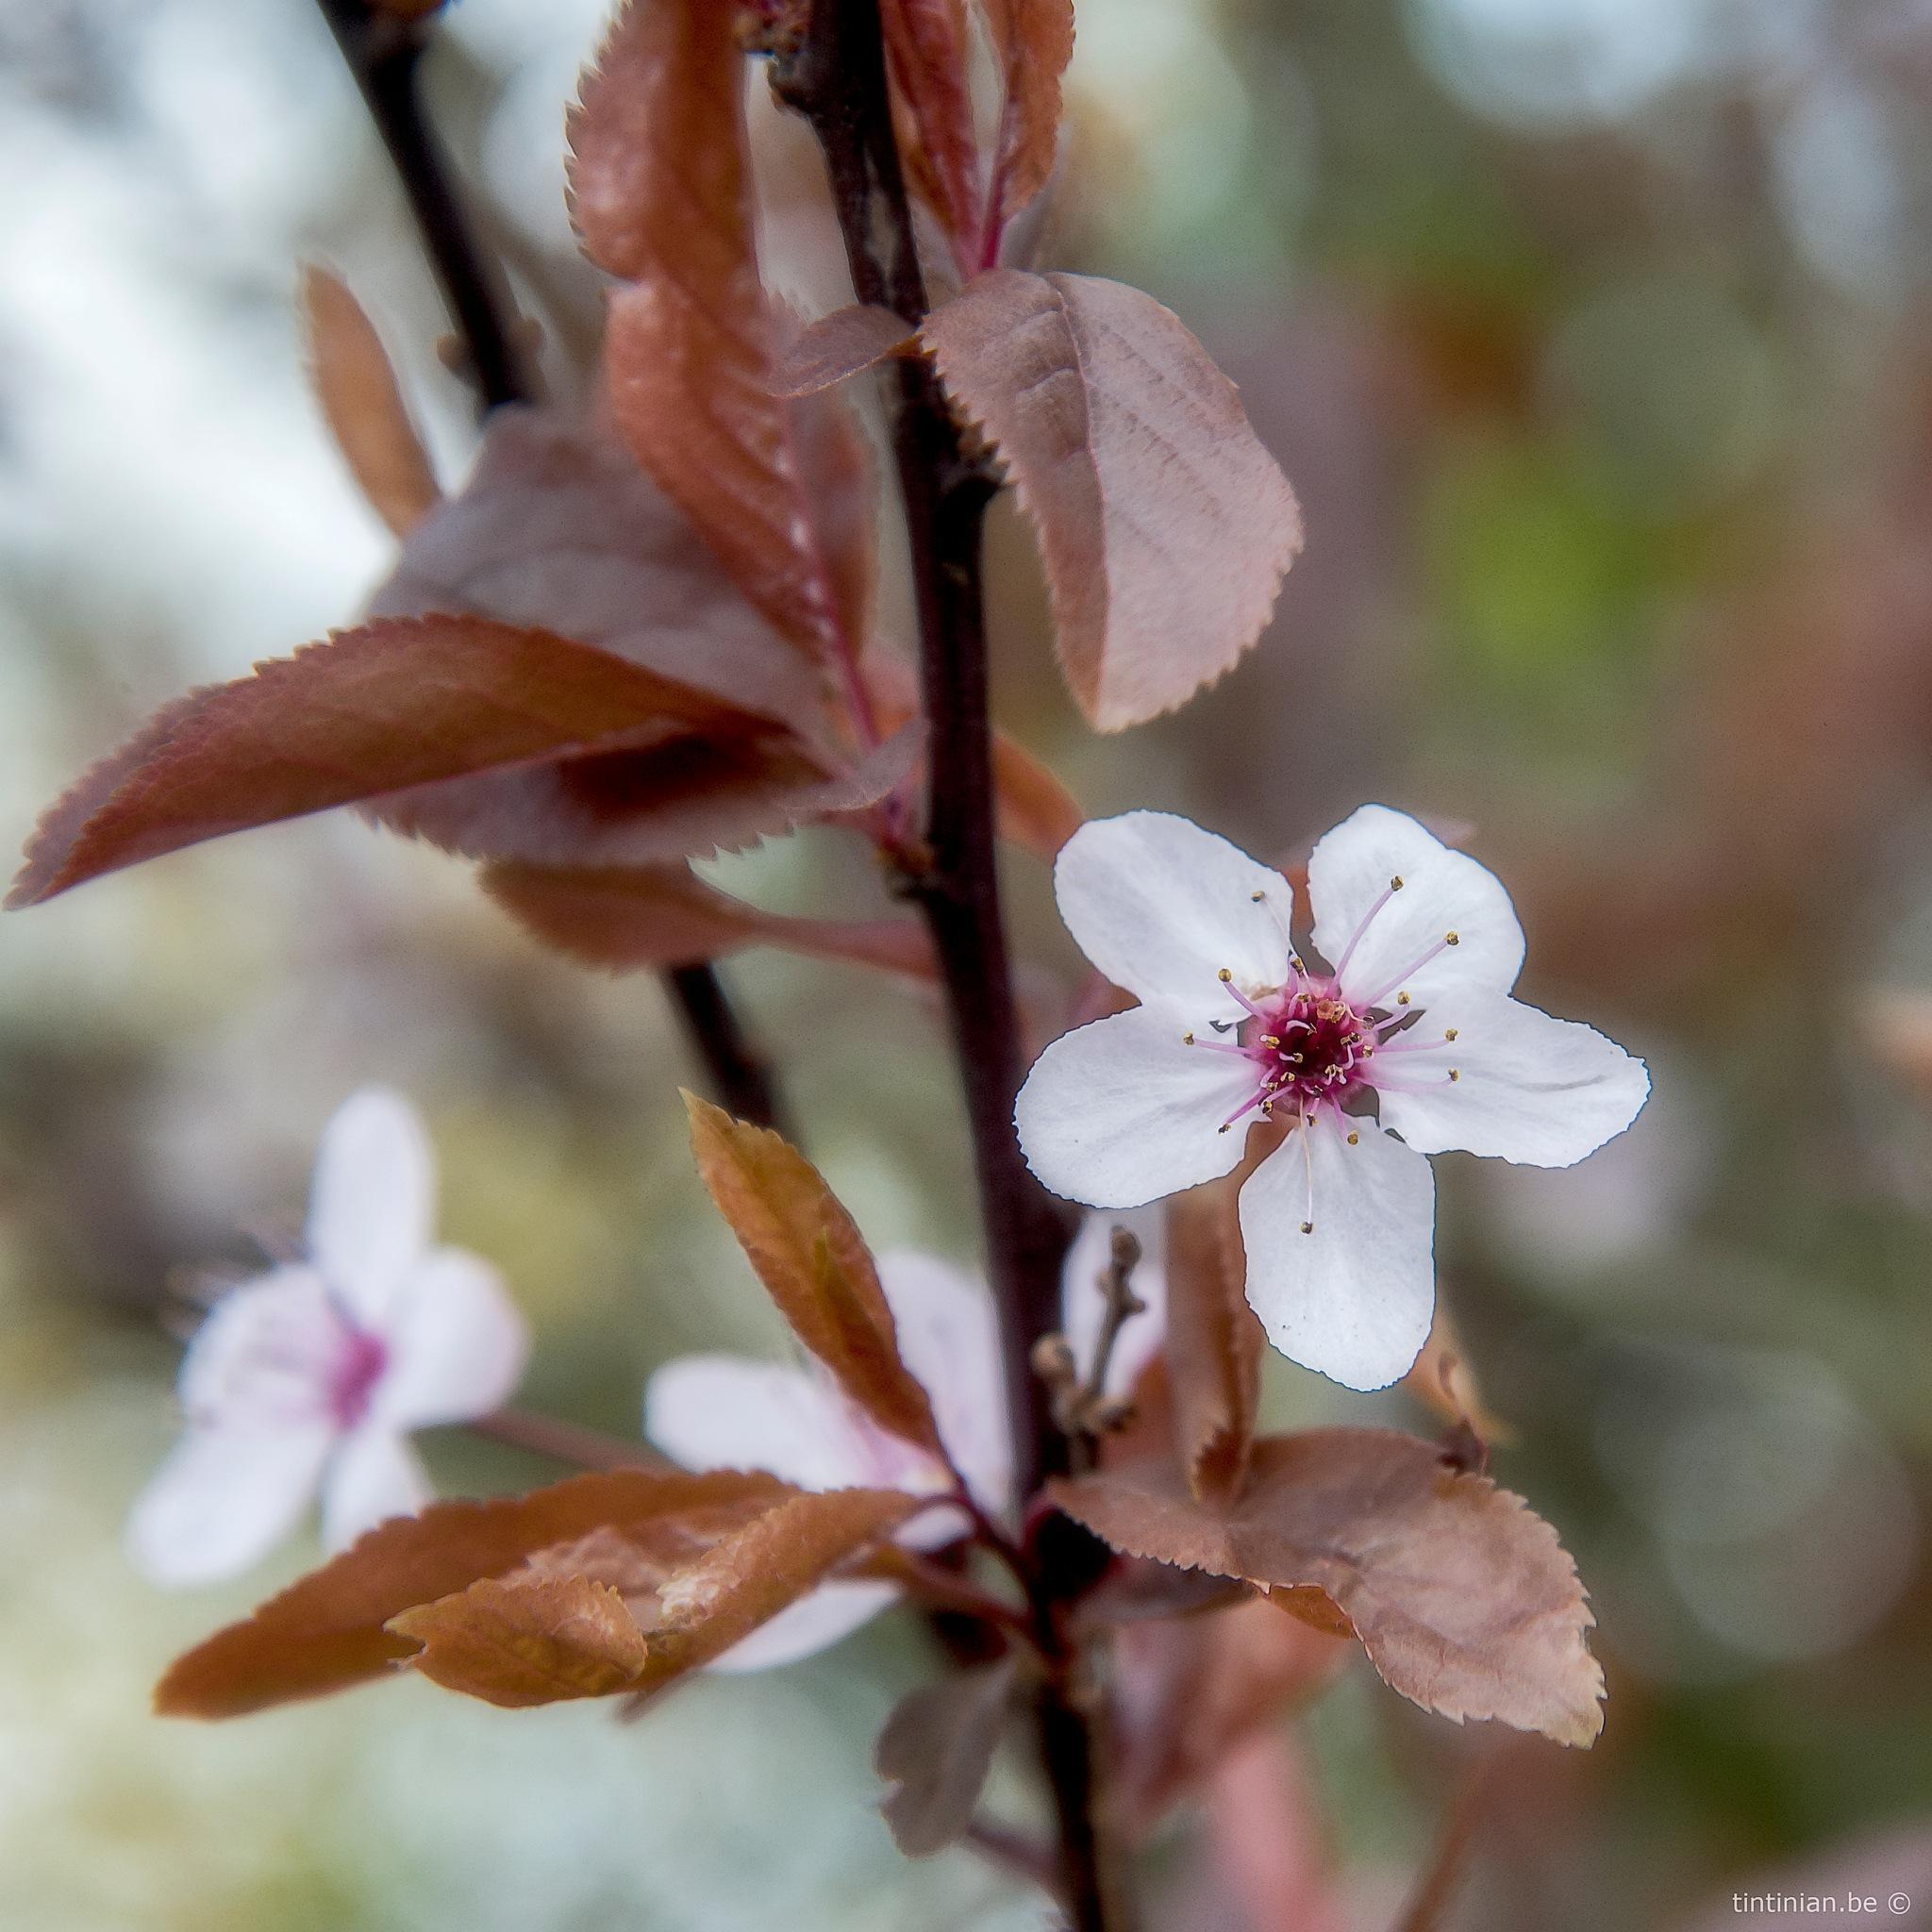 Flower by Etienne de Maeyer